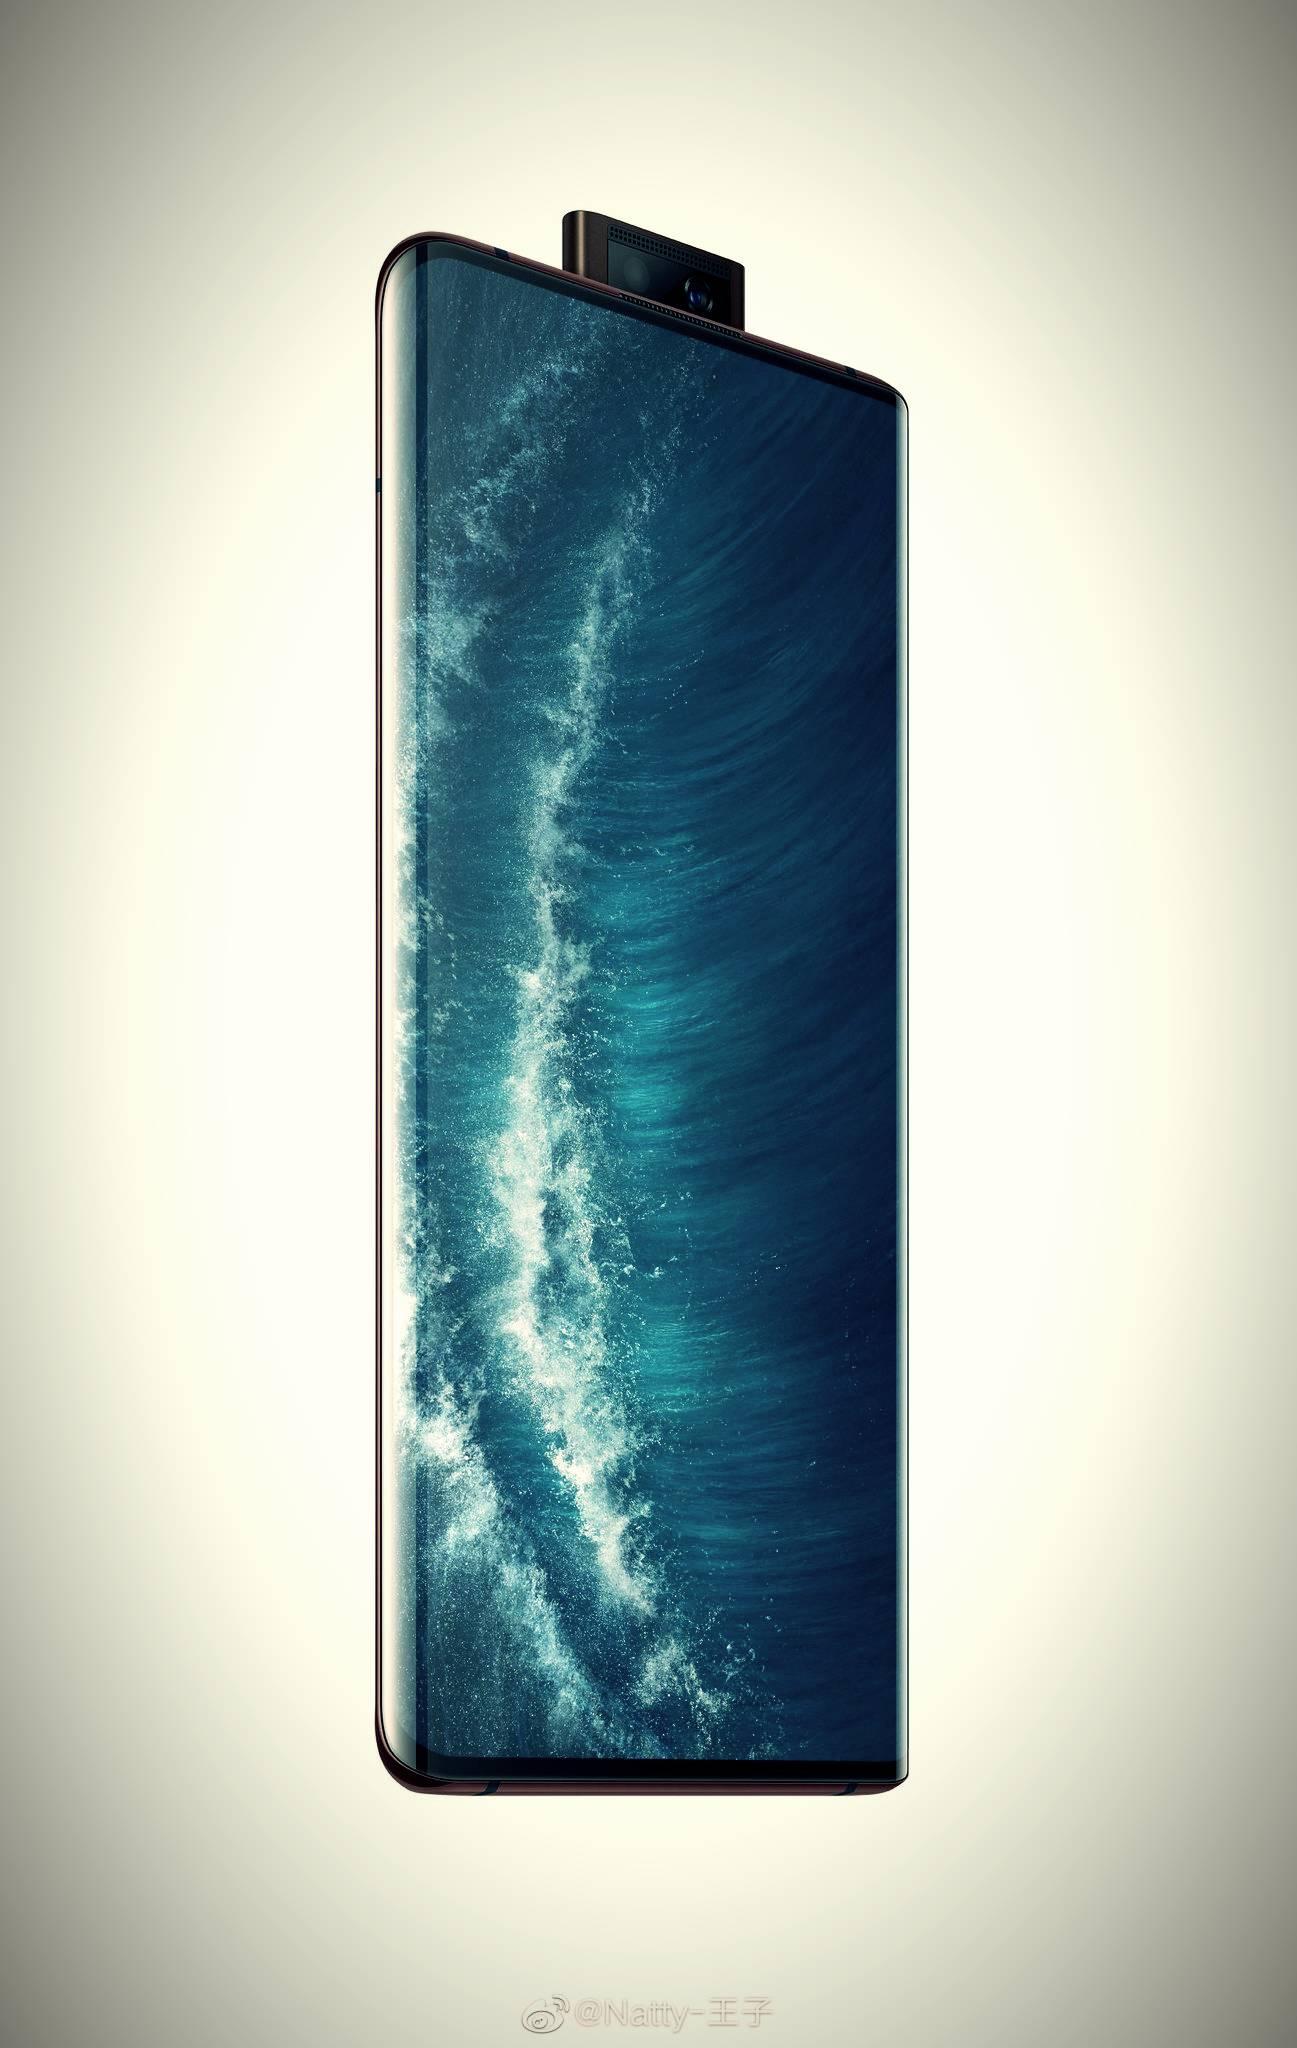 Vivo Nexus 3s 5G img 5